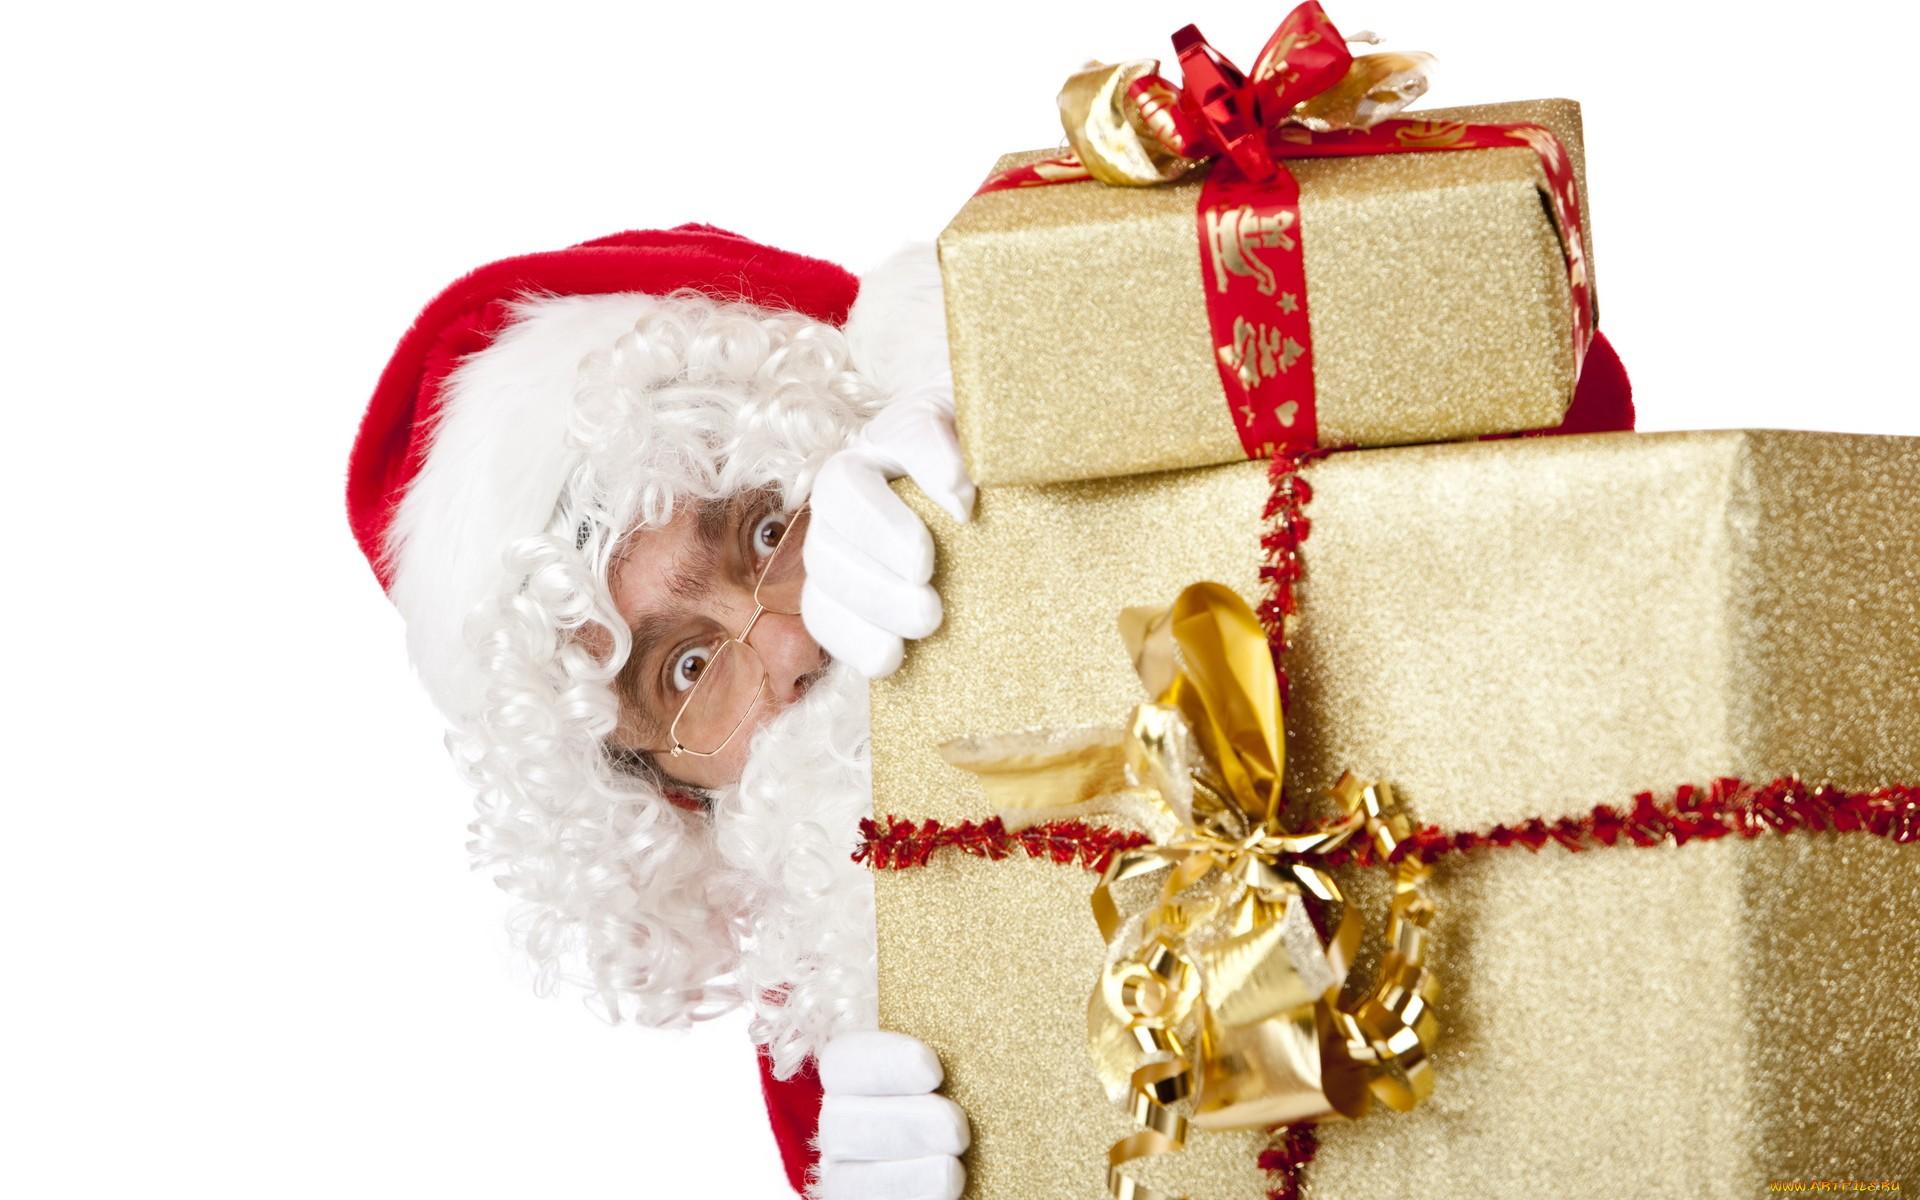 оформления новогодних поздравлений началась раздача подарков мой отзыв будет